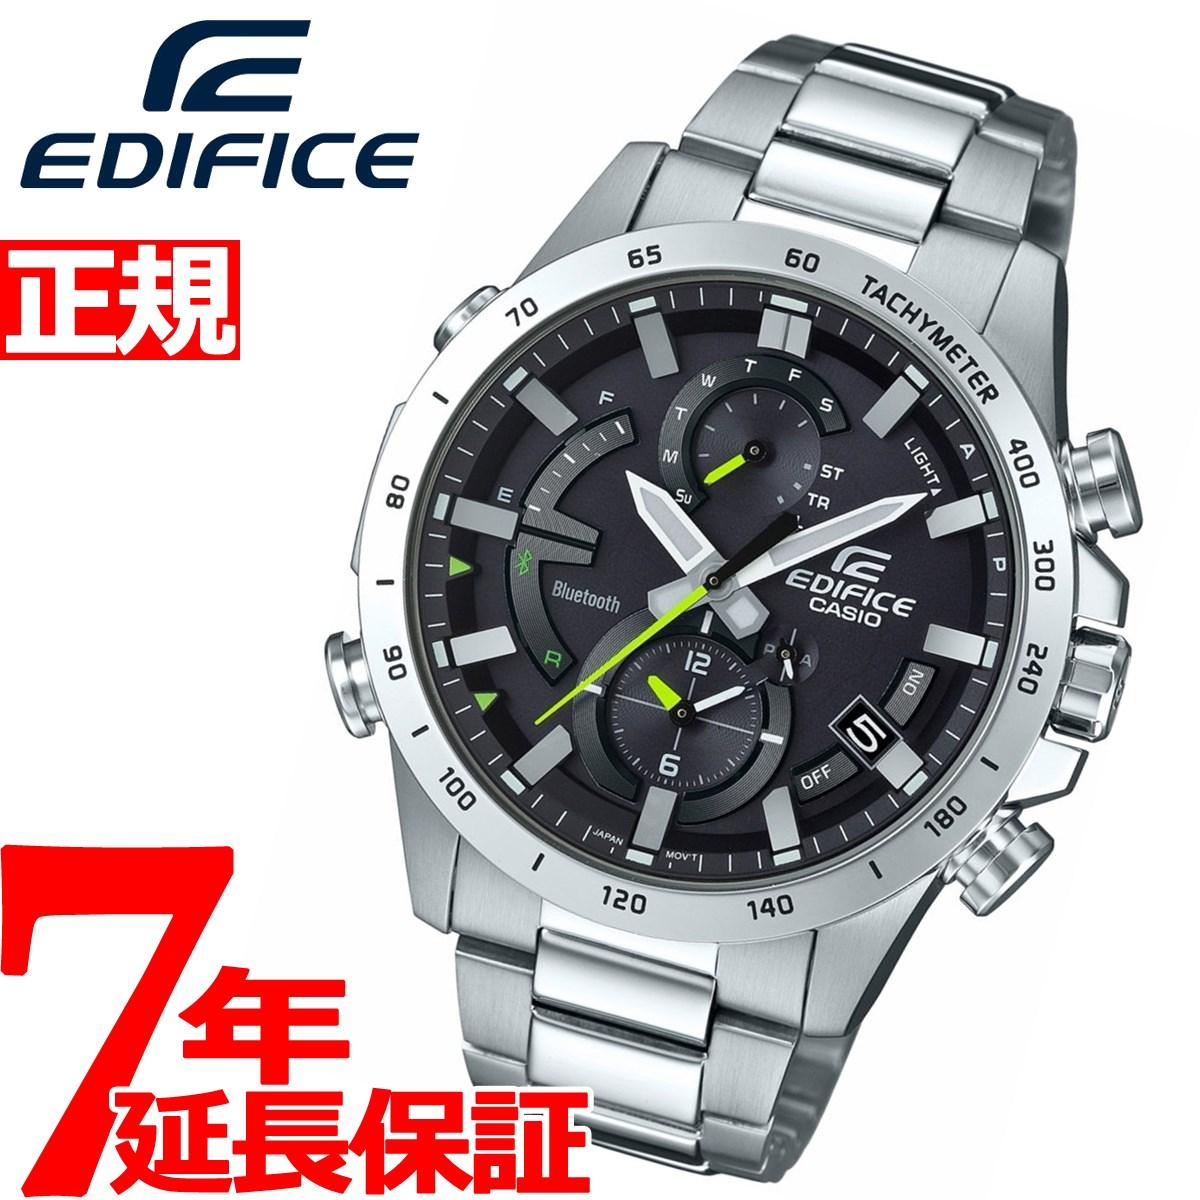 カシオ エディフィス CASIO EDIFICE Bluetooth ブルートゥース 対応 ソーラー 腕時計 メンズ EQB-900D-1AJF【2018 新作】